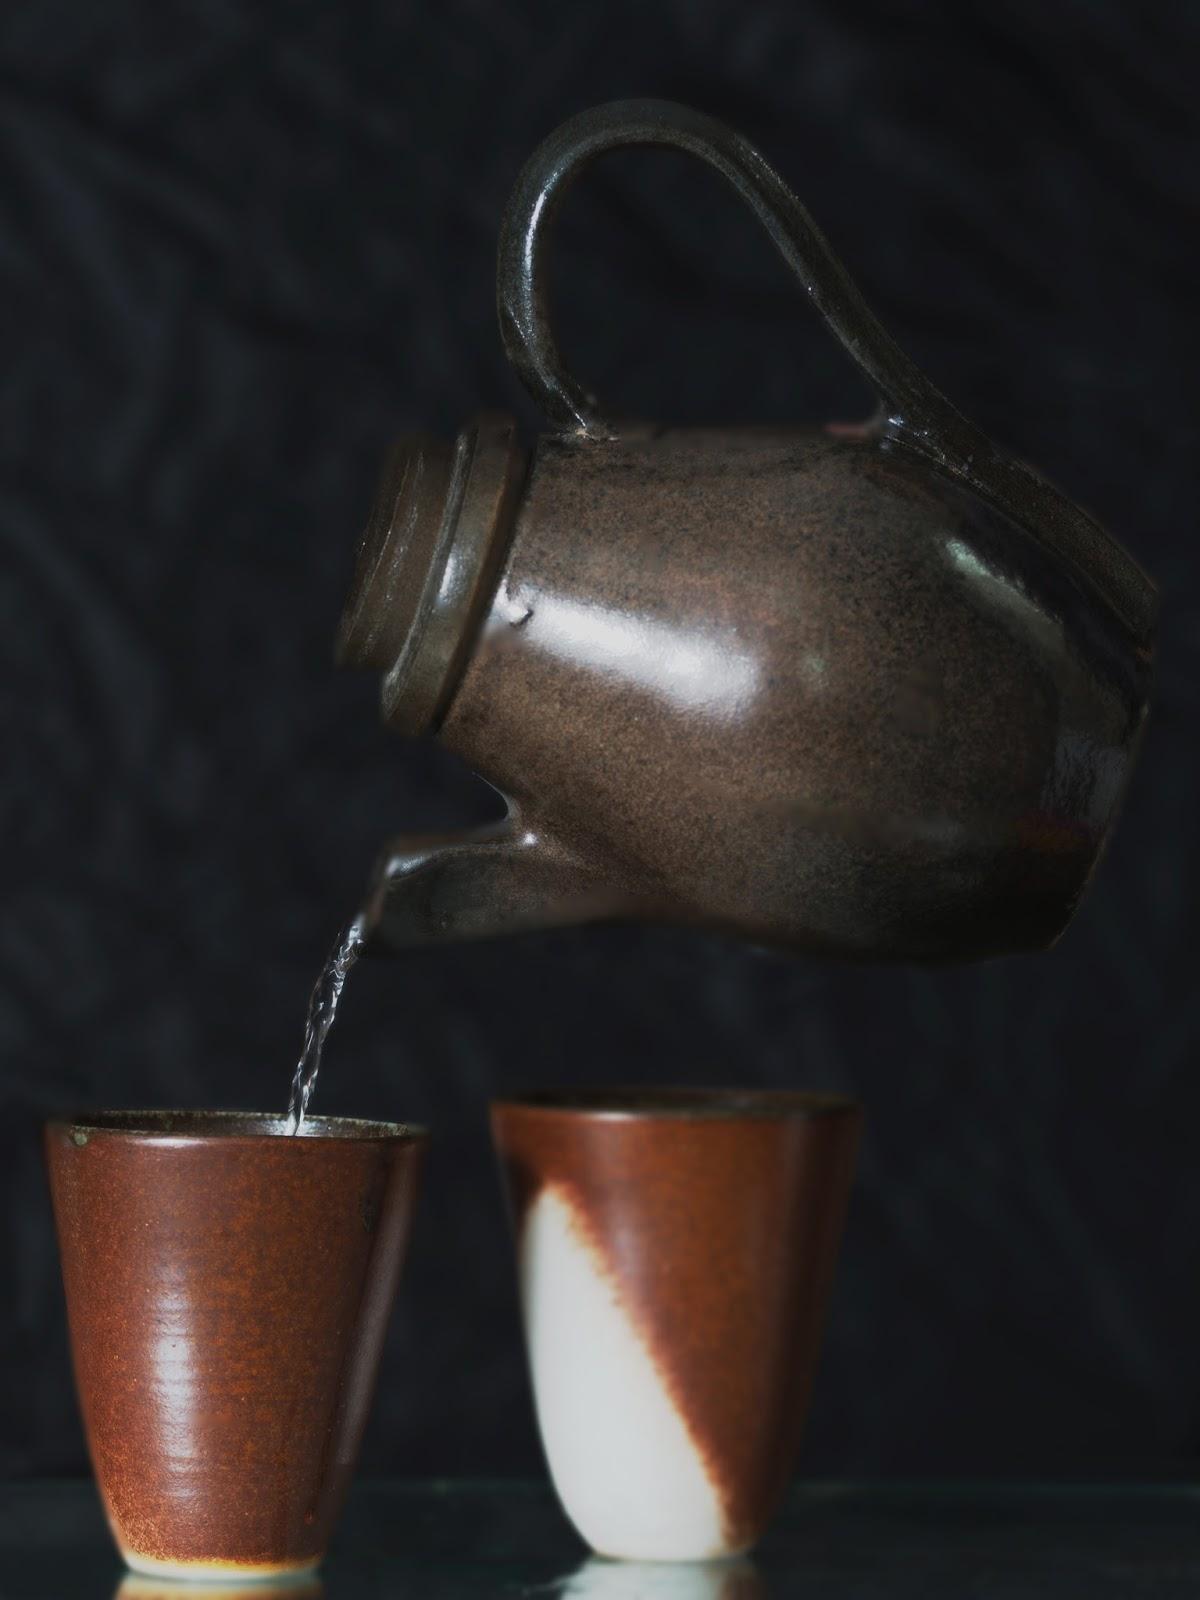 lévitation céramique